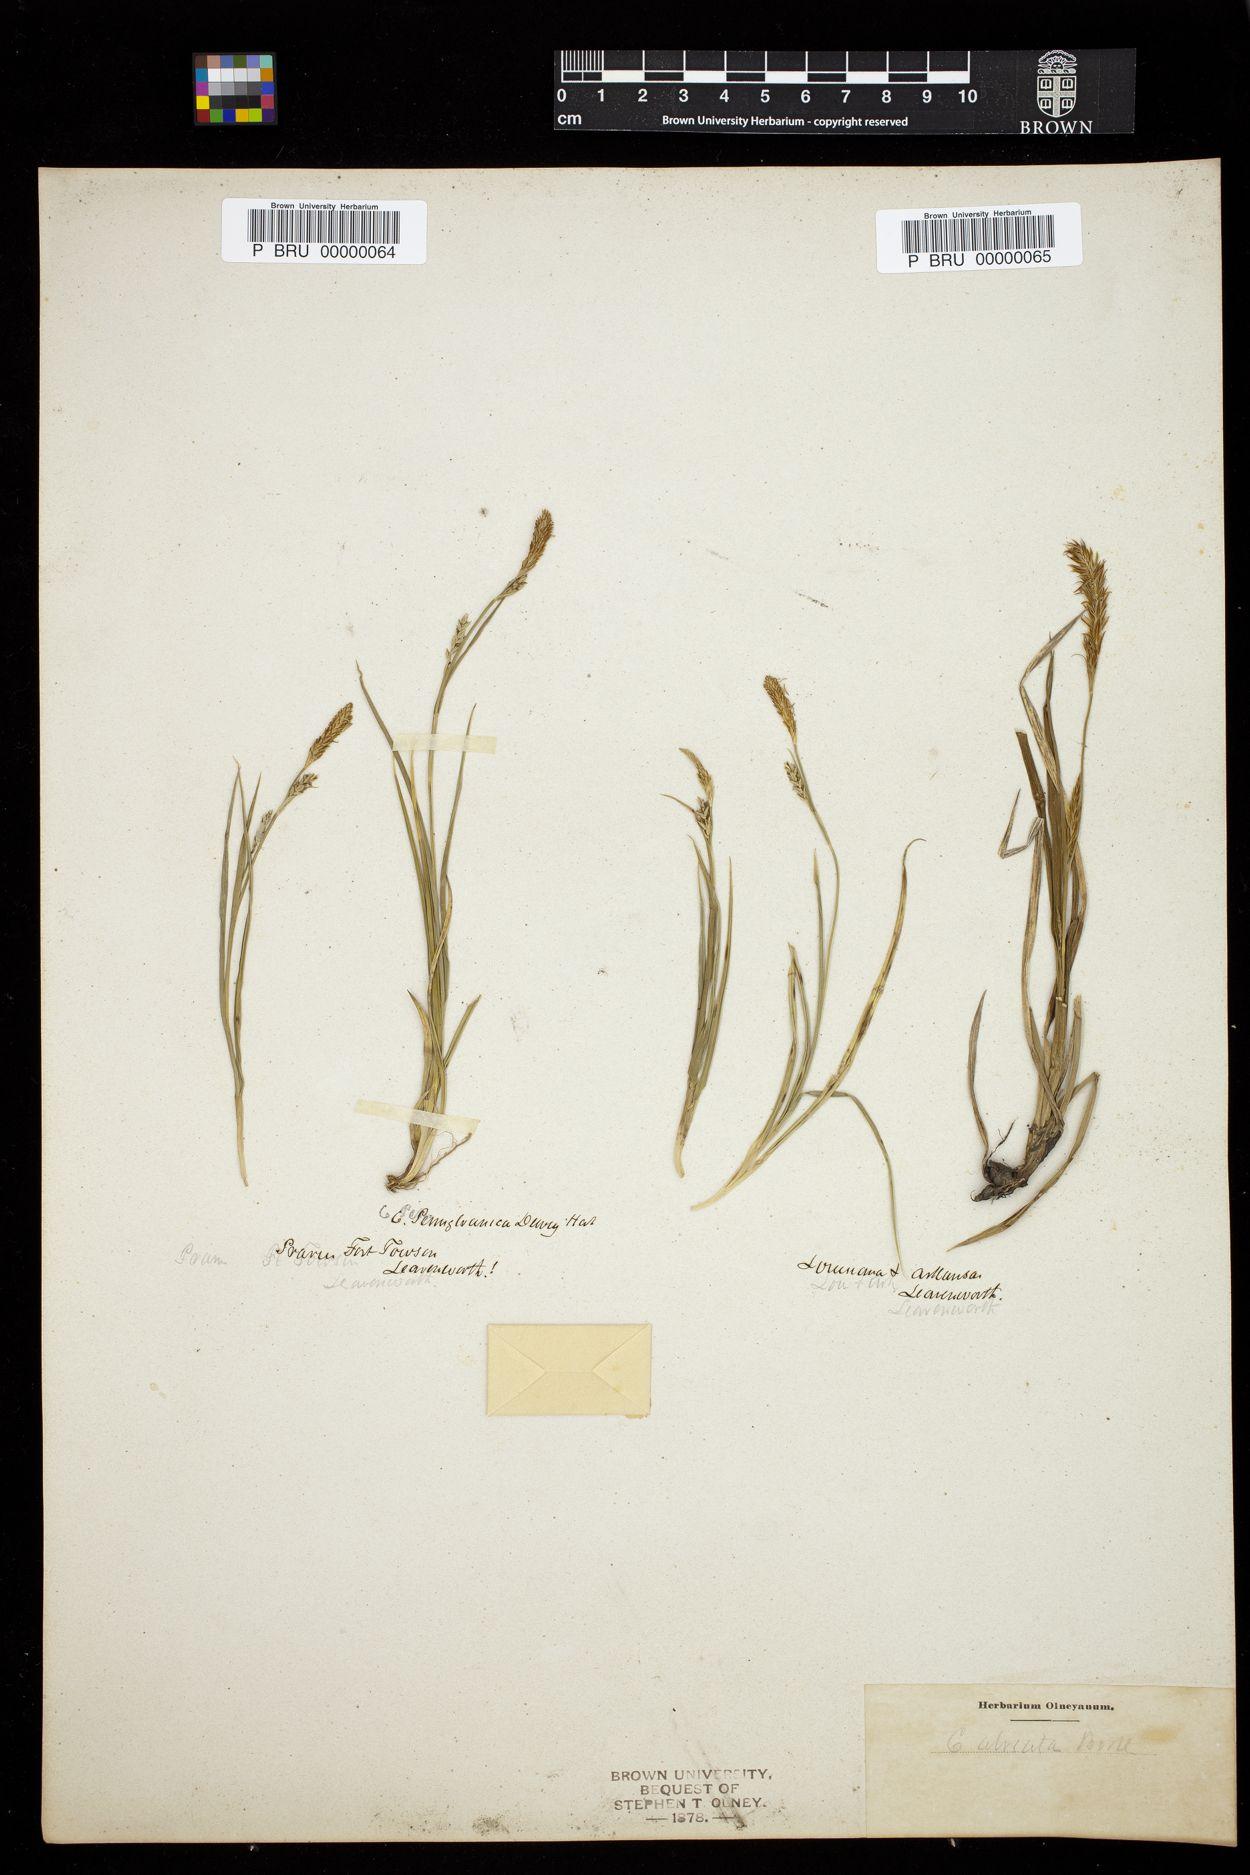 Carex alveata image